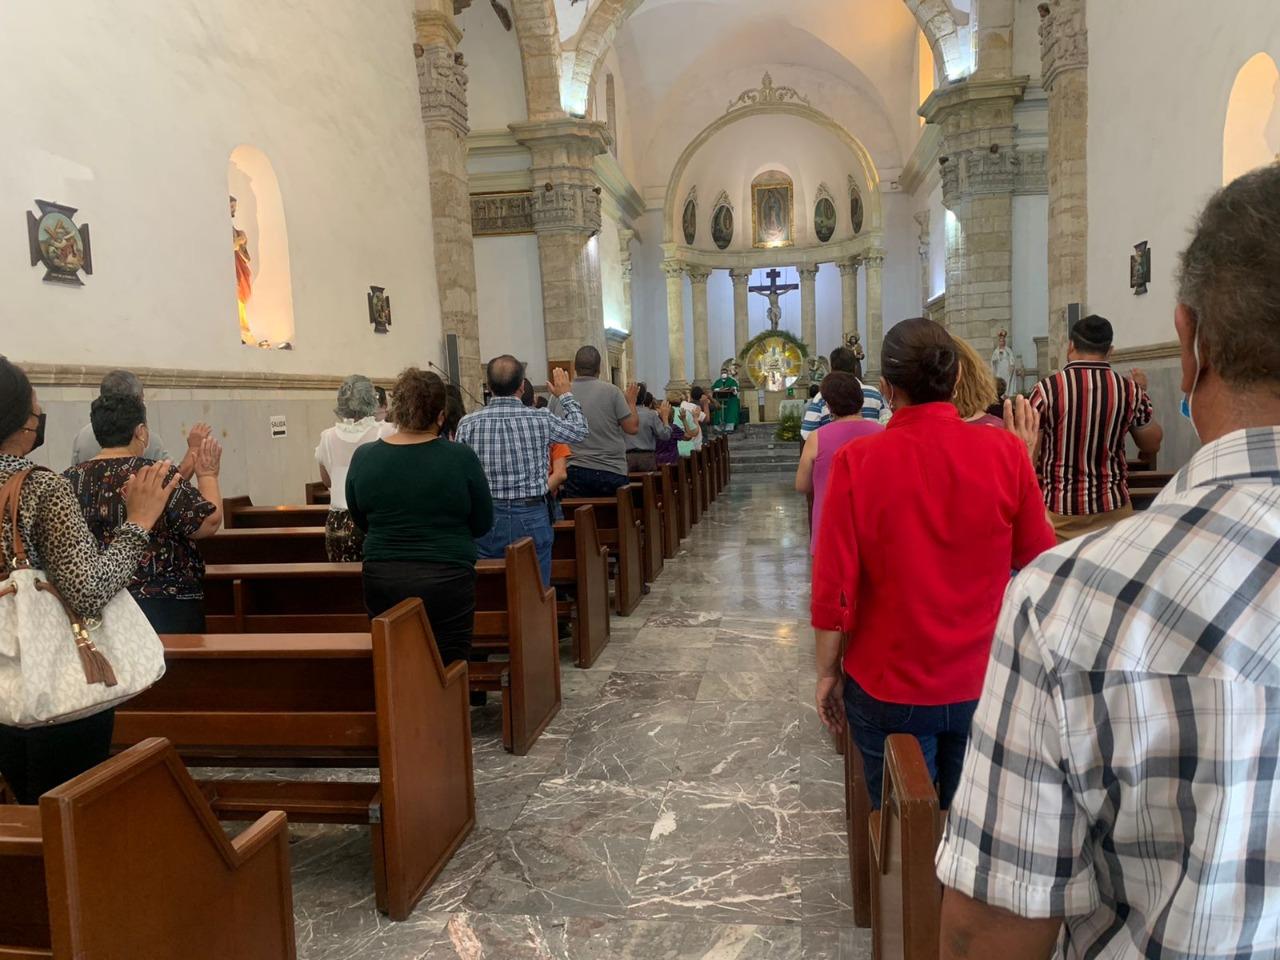 Iglesia: 'En misa somos unos,pero en la calle somos otros'